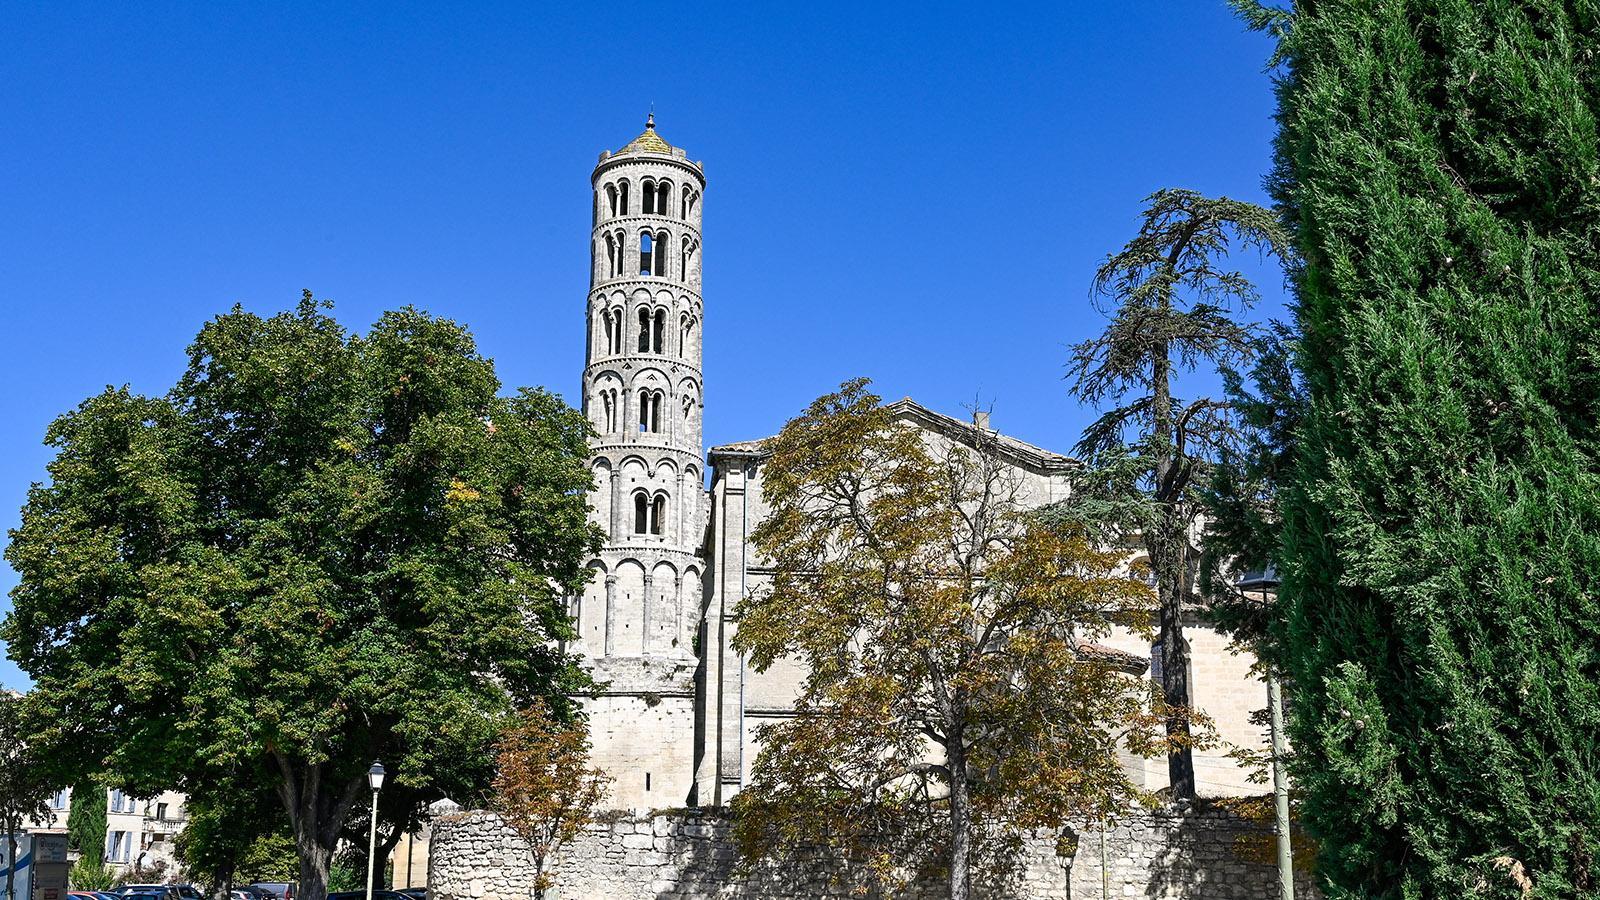 Uzes: Cathédrale Saint-Théodorit und Tour Fenestrelle. Foto: Hilke Maunder